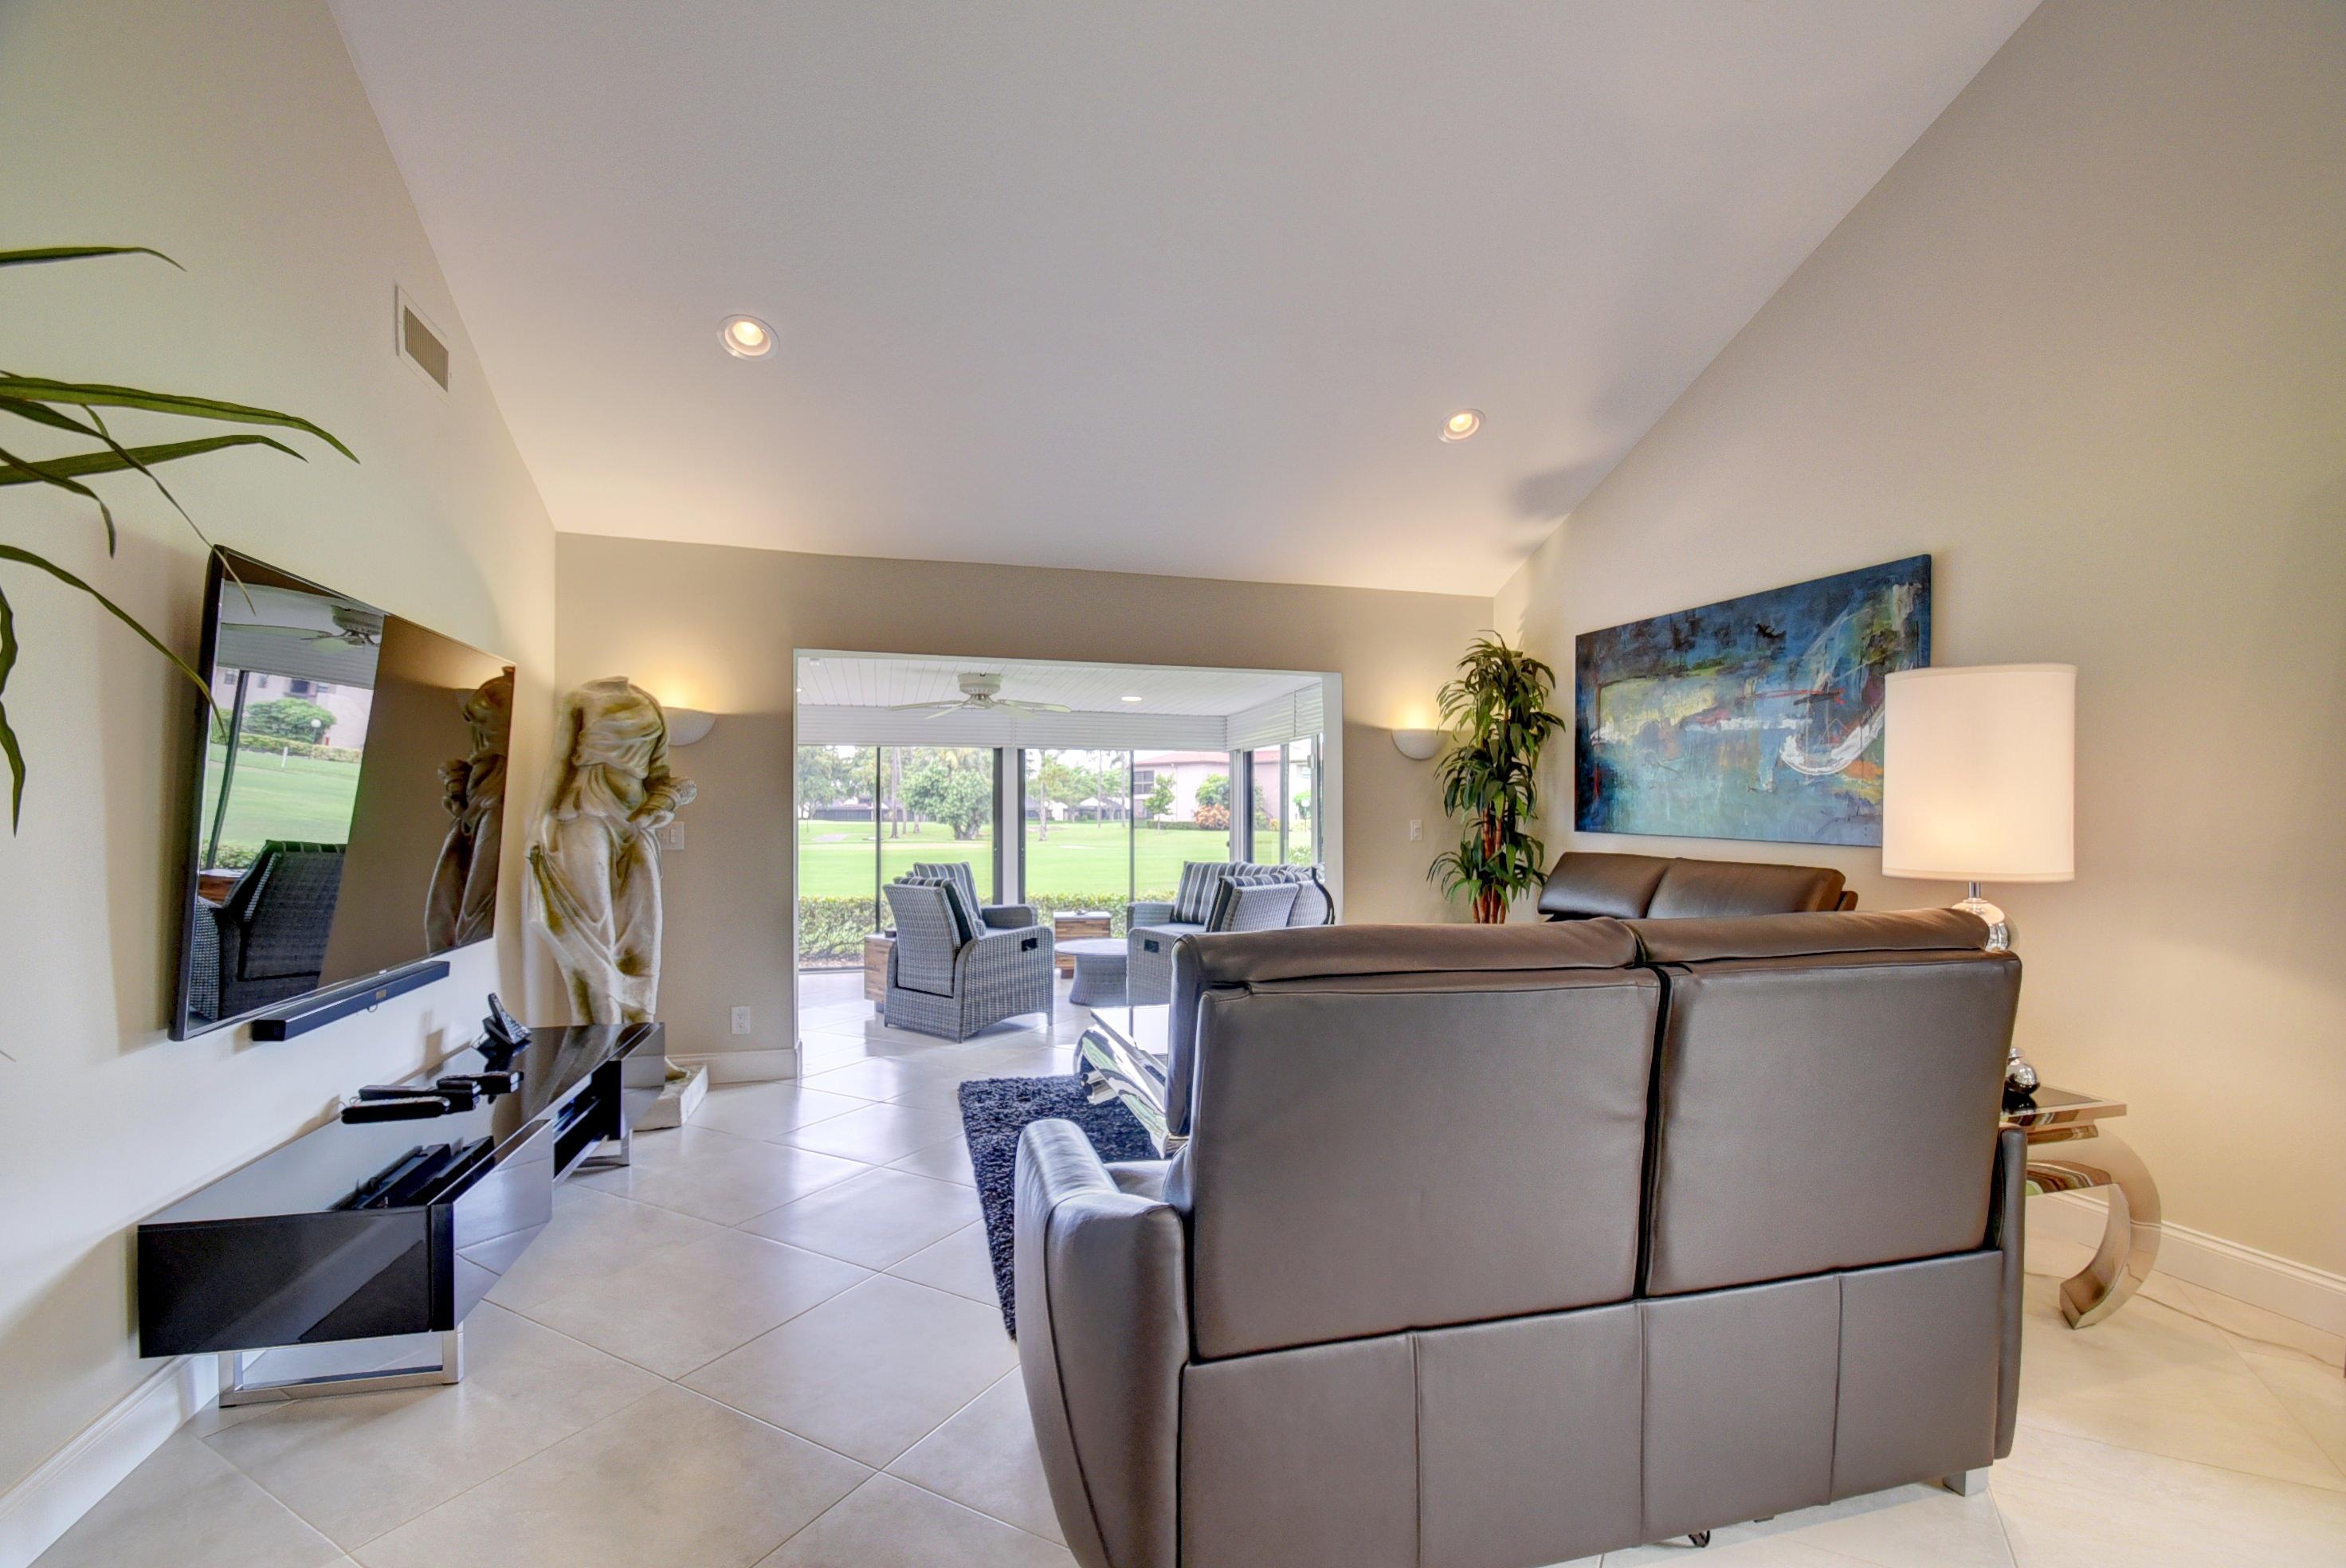 21371 Cypress Hammock Drive #21-b Boca Raton, FL 33428